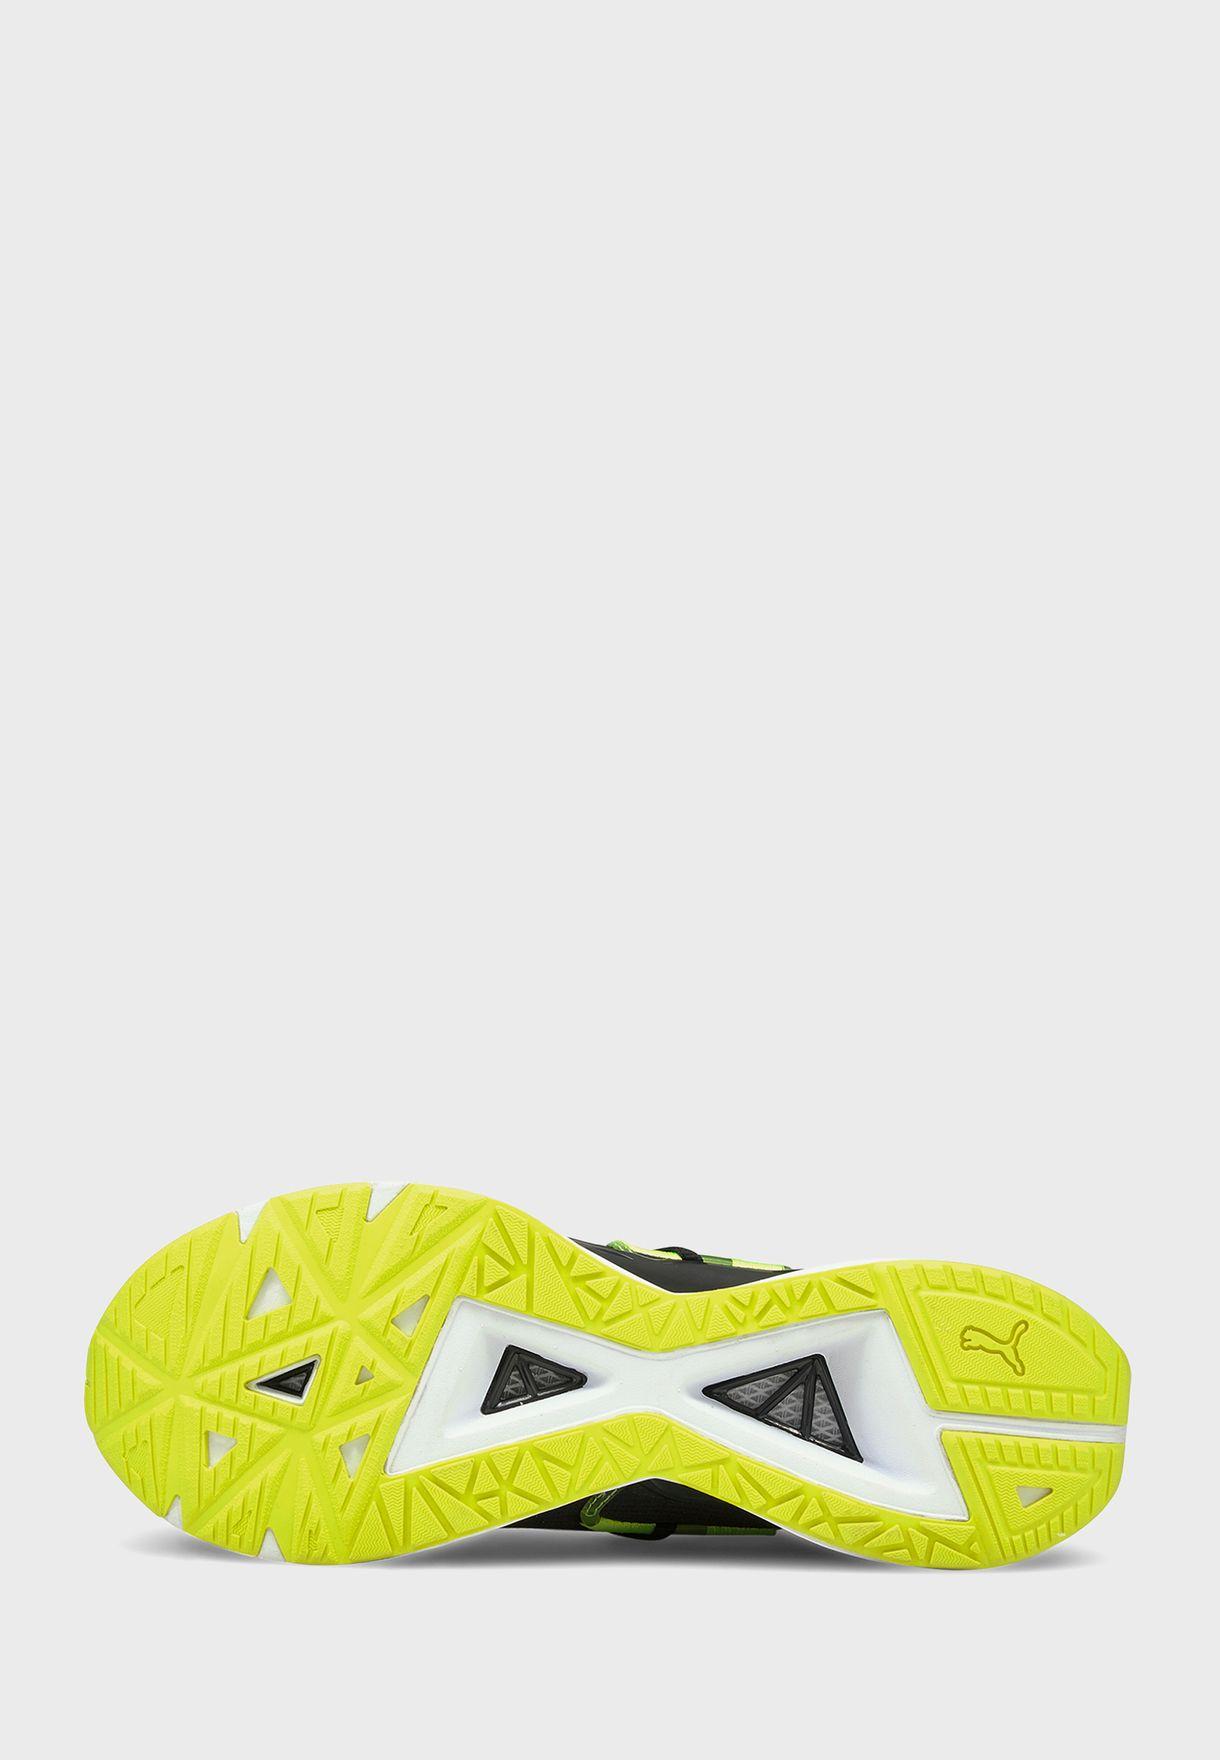 حذاء الترا تريلير اف ام